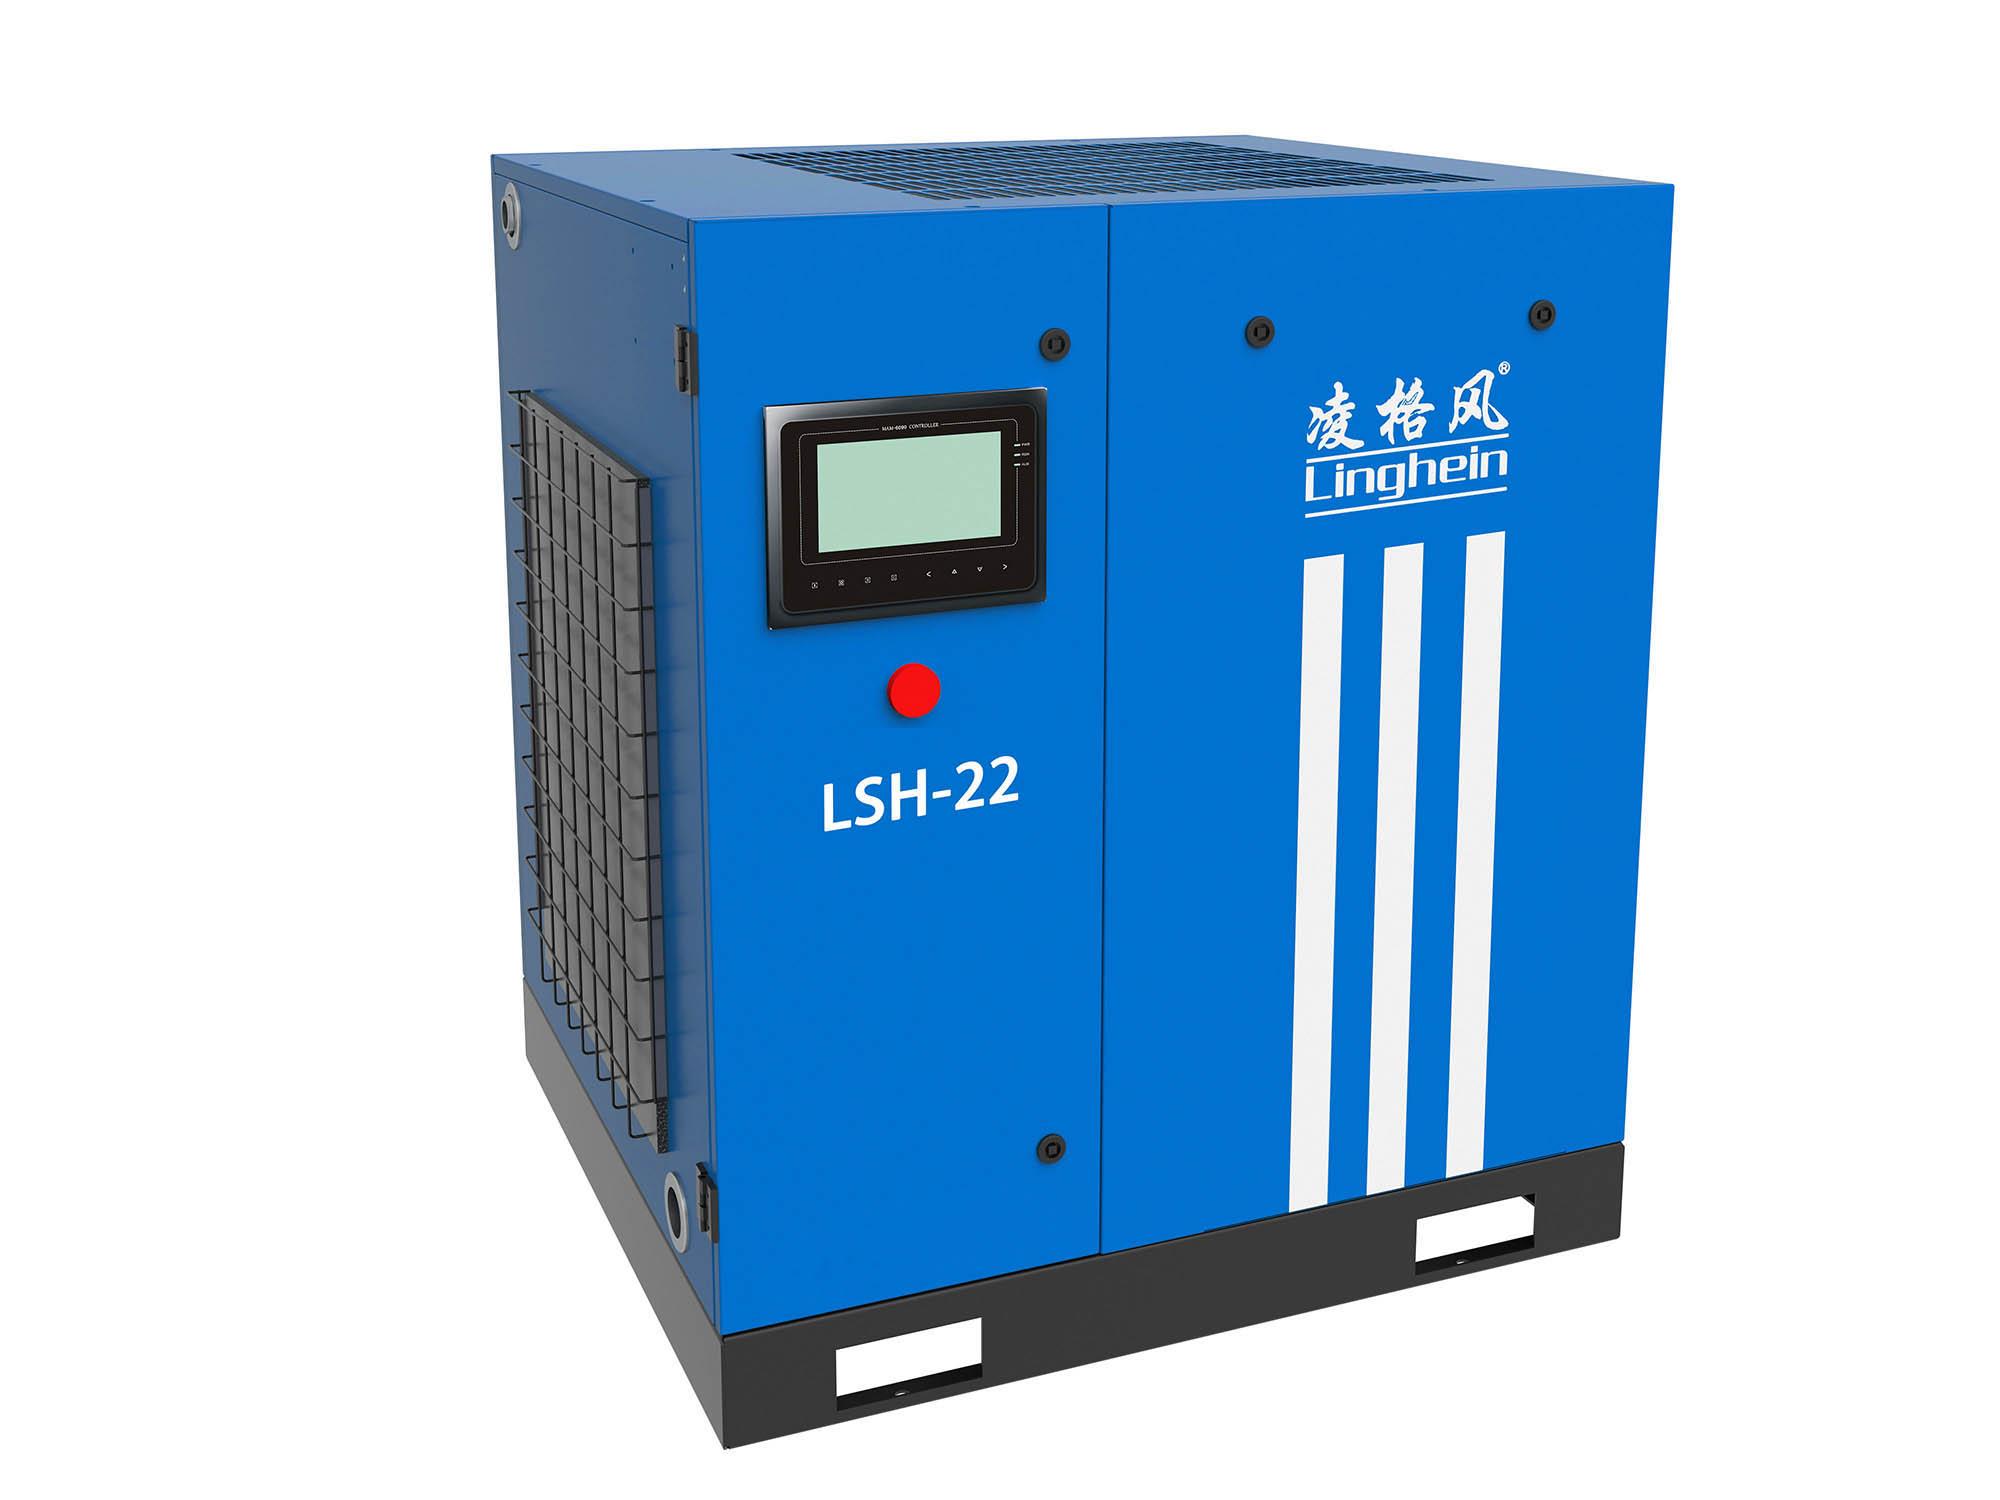 天津变频螺杆空压机什么价格 真诚推荐 上海凌格风气体技术供应